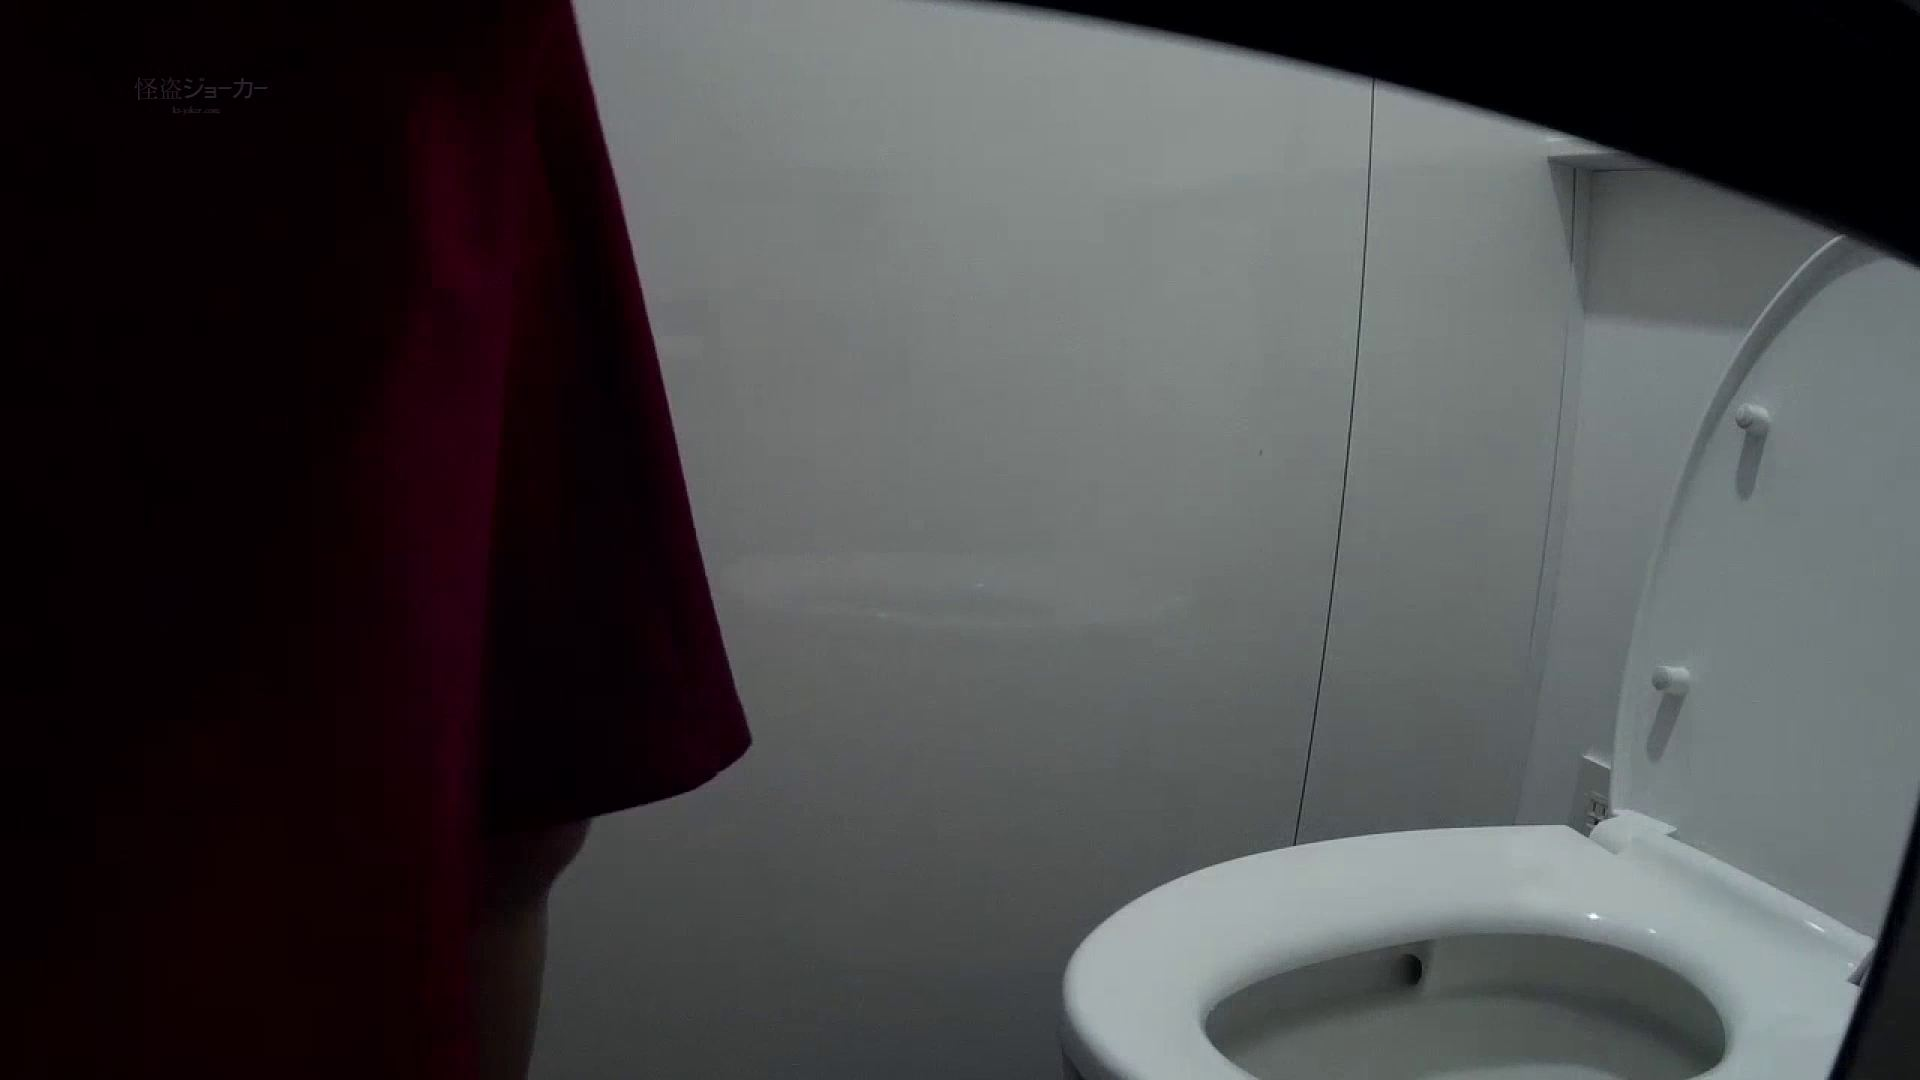 有名大学女性洗面所 vol.58 アンダーヘアーも冬支度? 洗面所 盗撮エロ画像 91pic 50